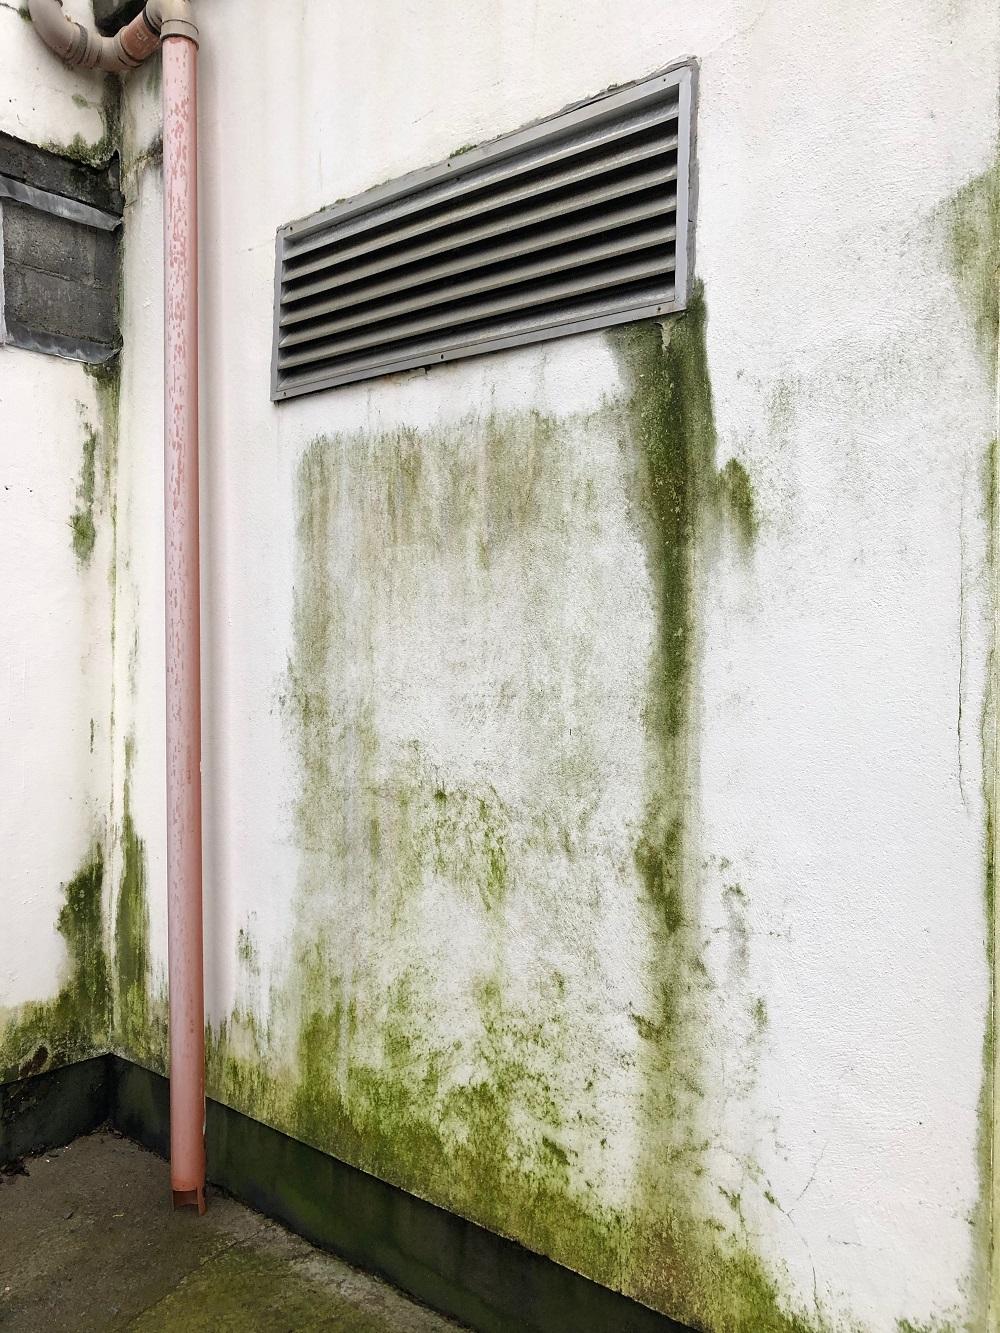 Thời tiết khắc nghiệt khiến cho tường nhà dễ xuống cấp, hư hại